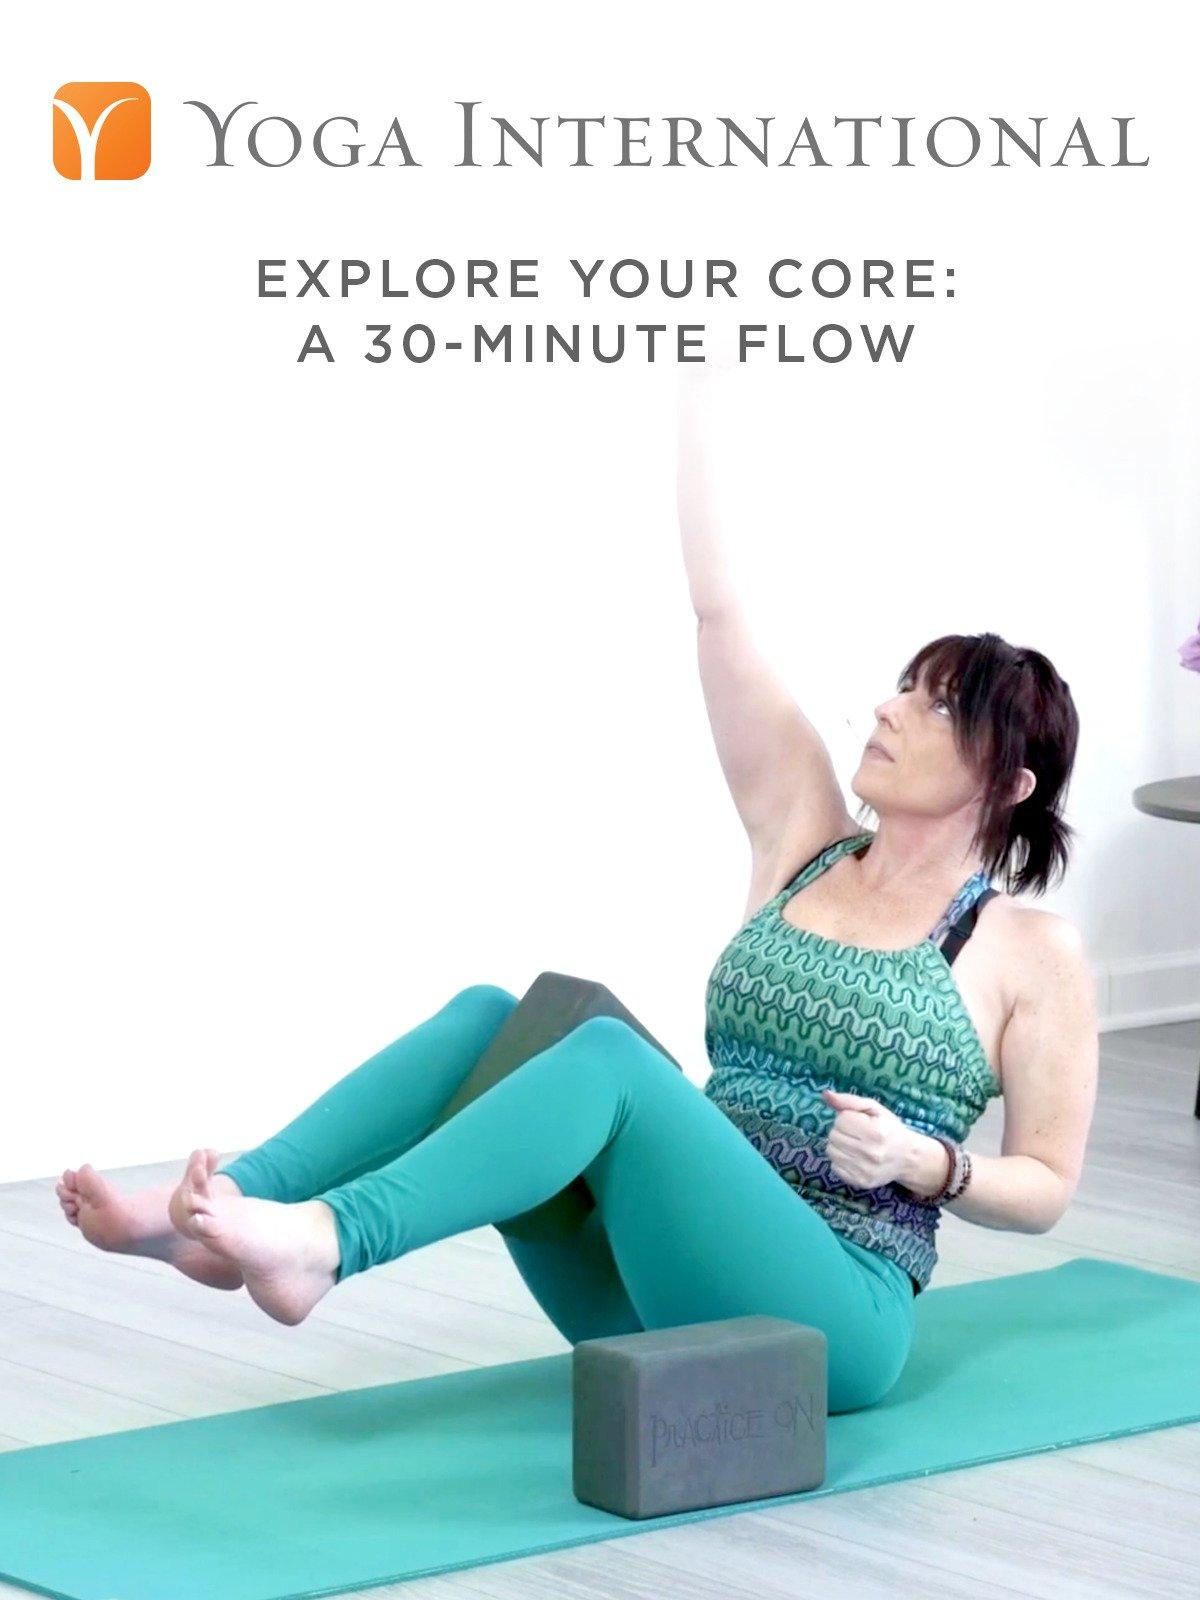 Explore Your Core: A 30-Minute Flow